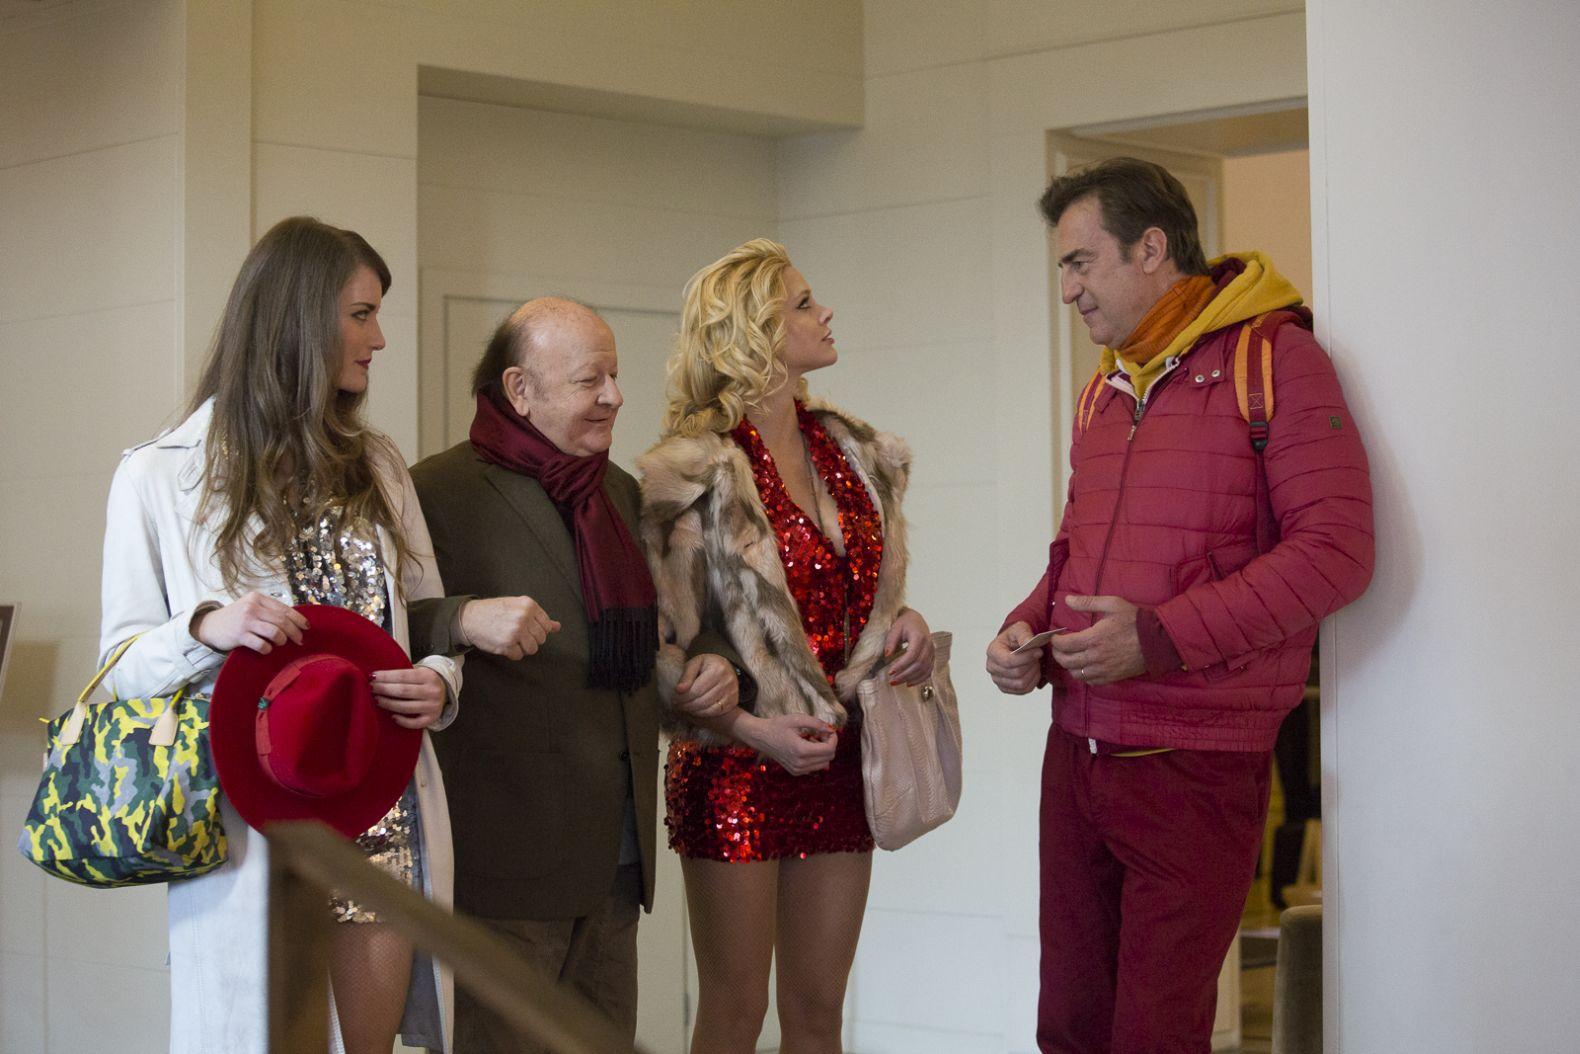 La coppia dei campioni: Max Tortora e Massimo Boldi in compagnia di due ragazze in una scena del film